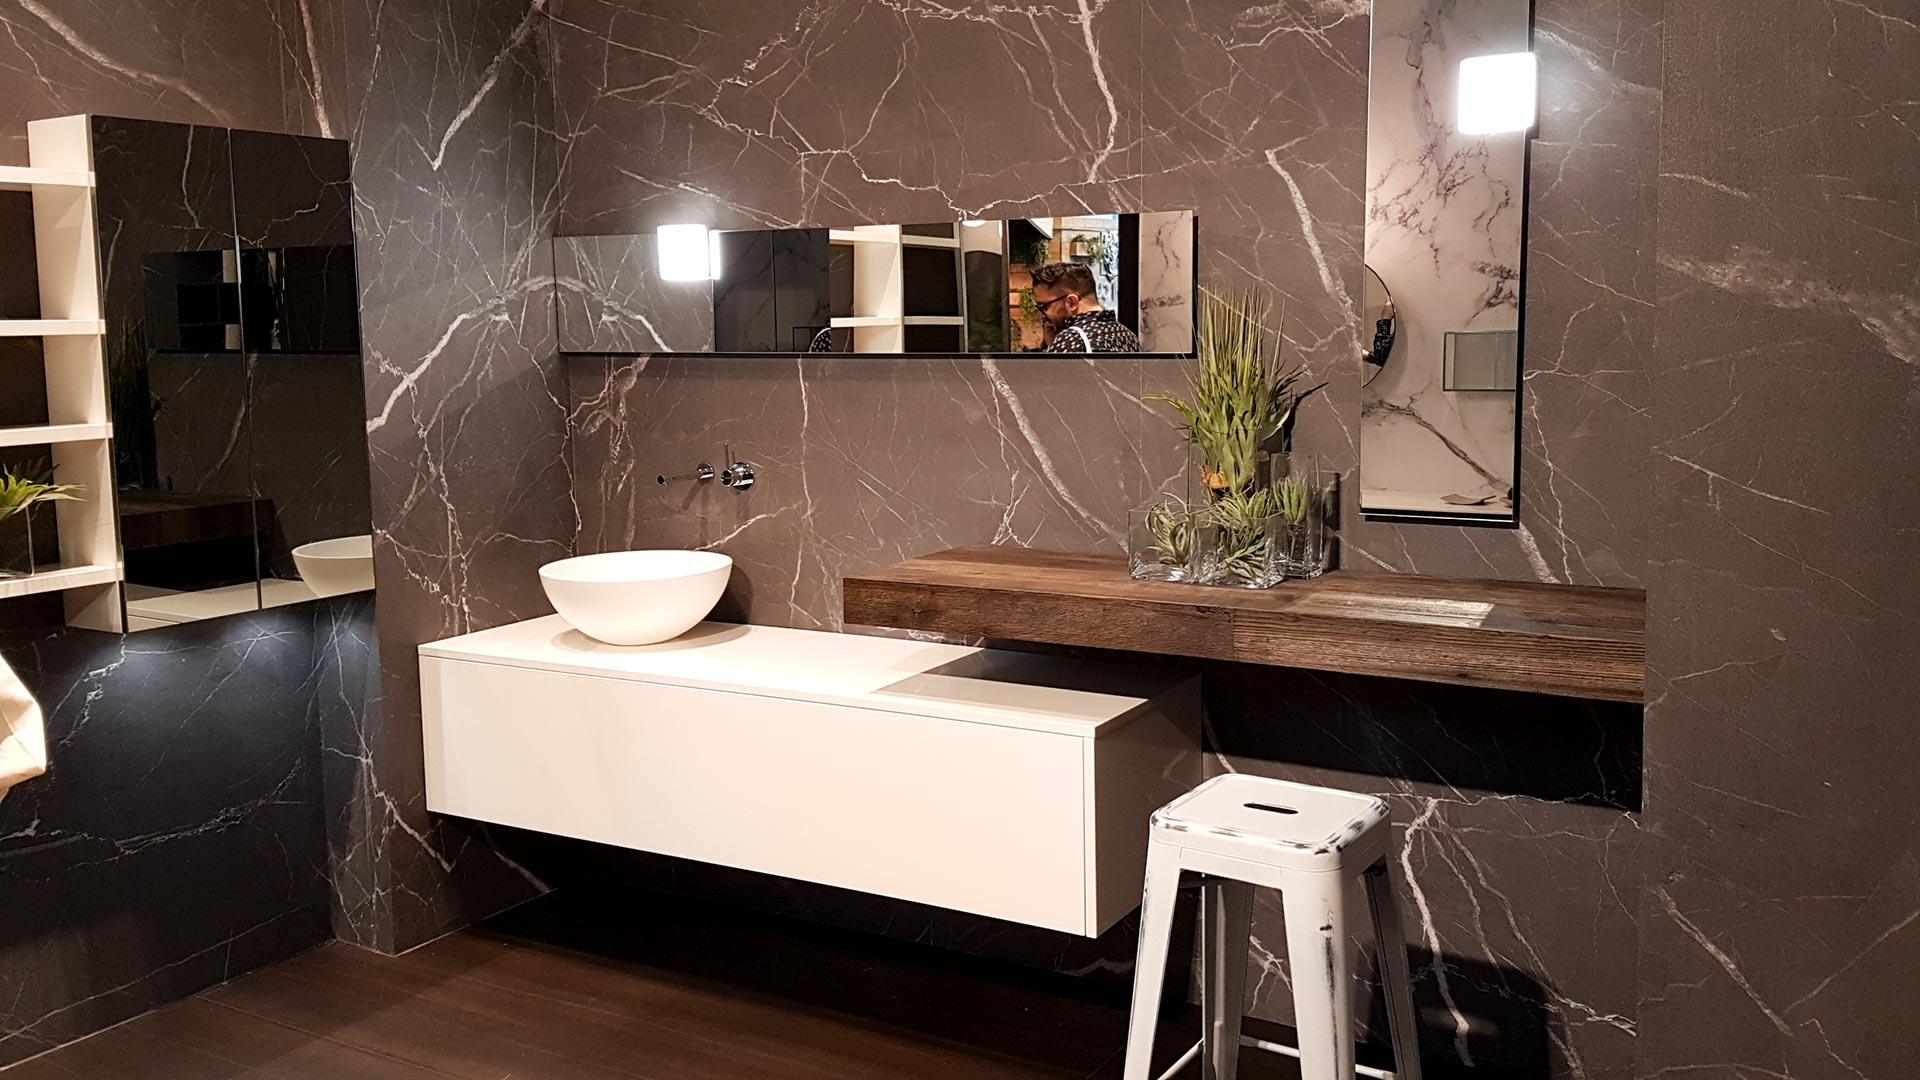 Aufregende Oberflächen, effektvolle Materialkombinationen und Aufsatzwaschbecken dominieren als Gestaltungsmerkmale bei Waschtischen